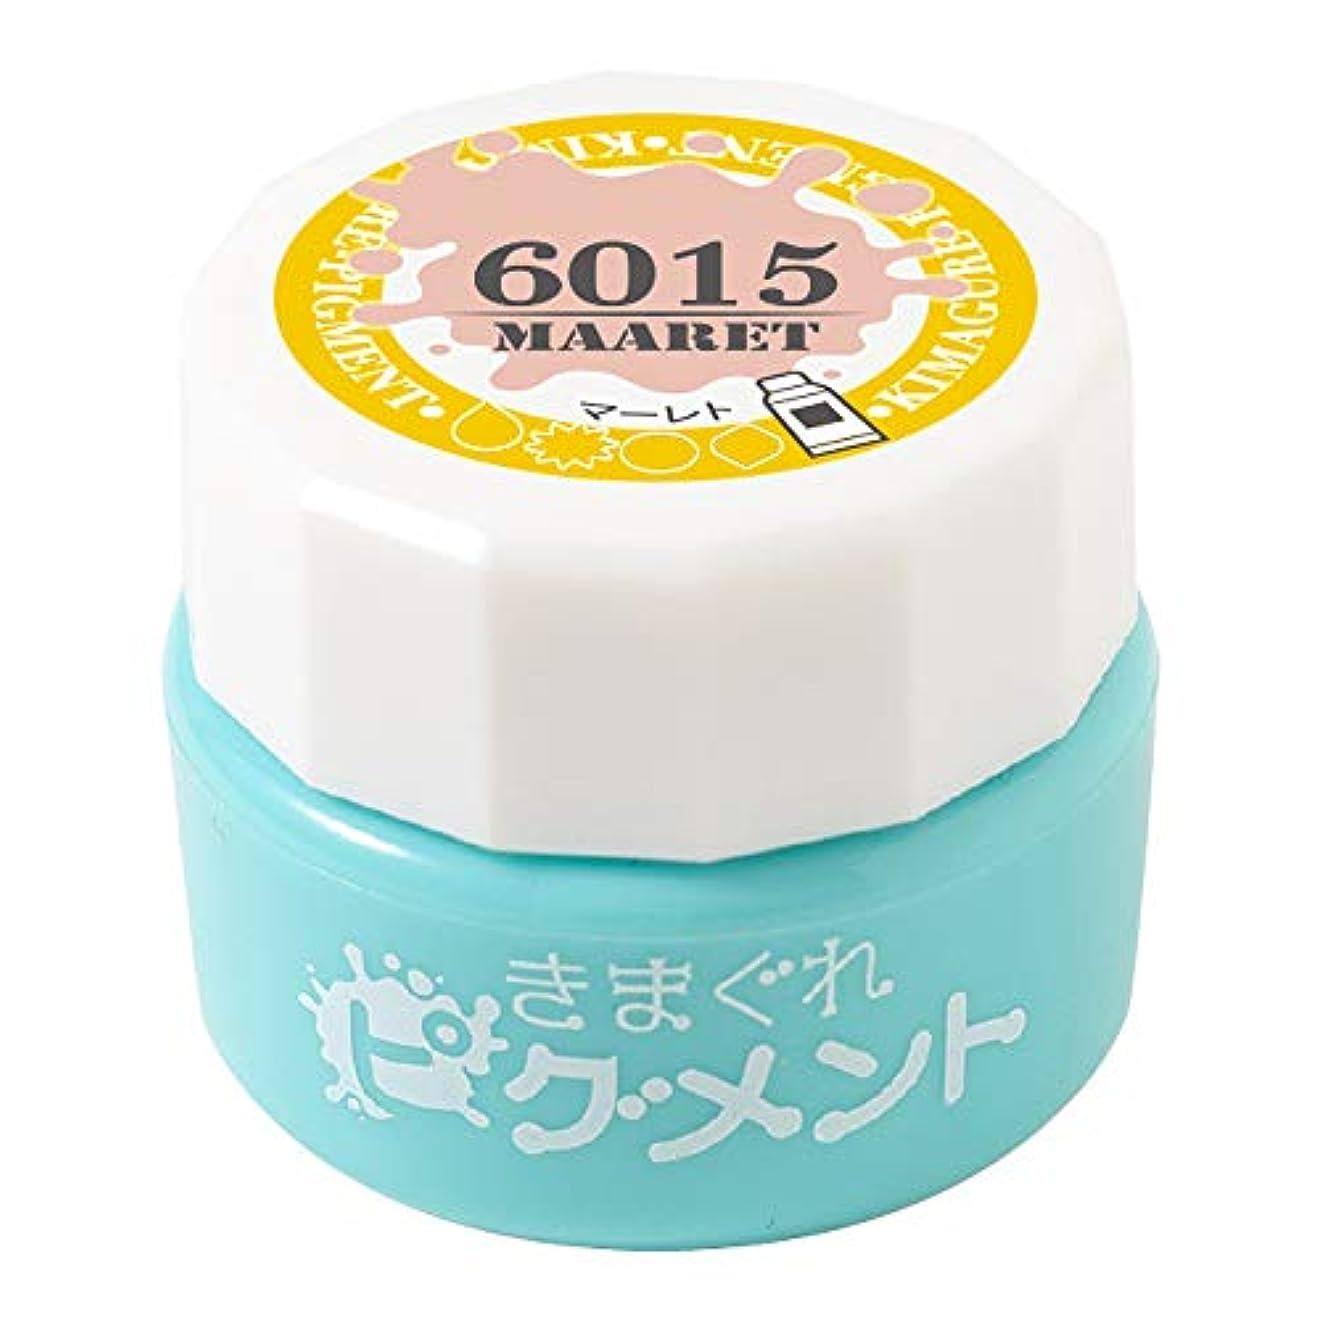 レガシー六恩恵Bettygel きまぐれピグメント マーレト QYJ-6015 4g UV/LED対応